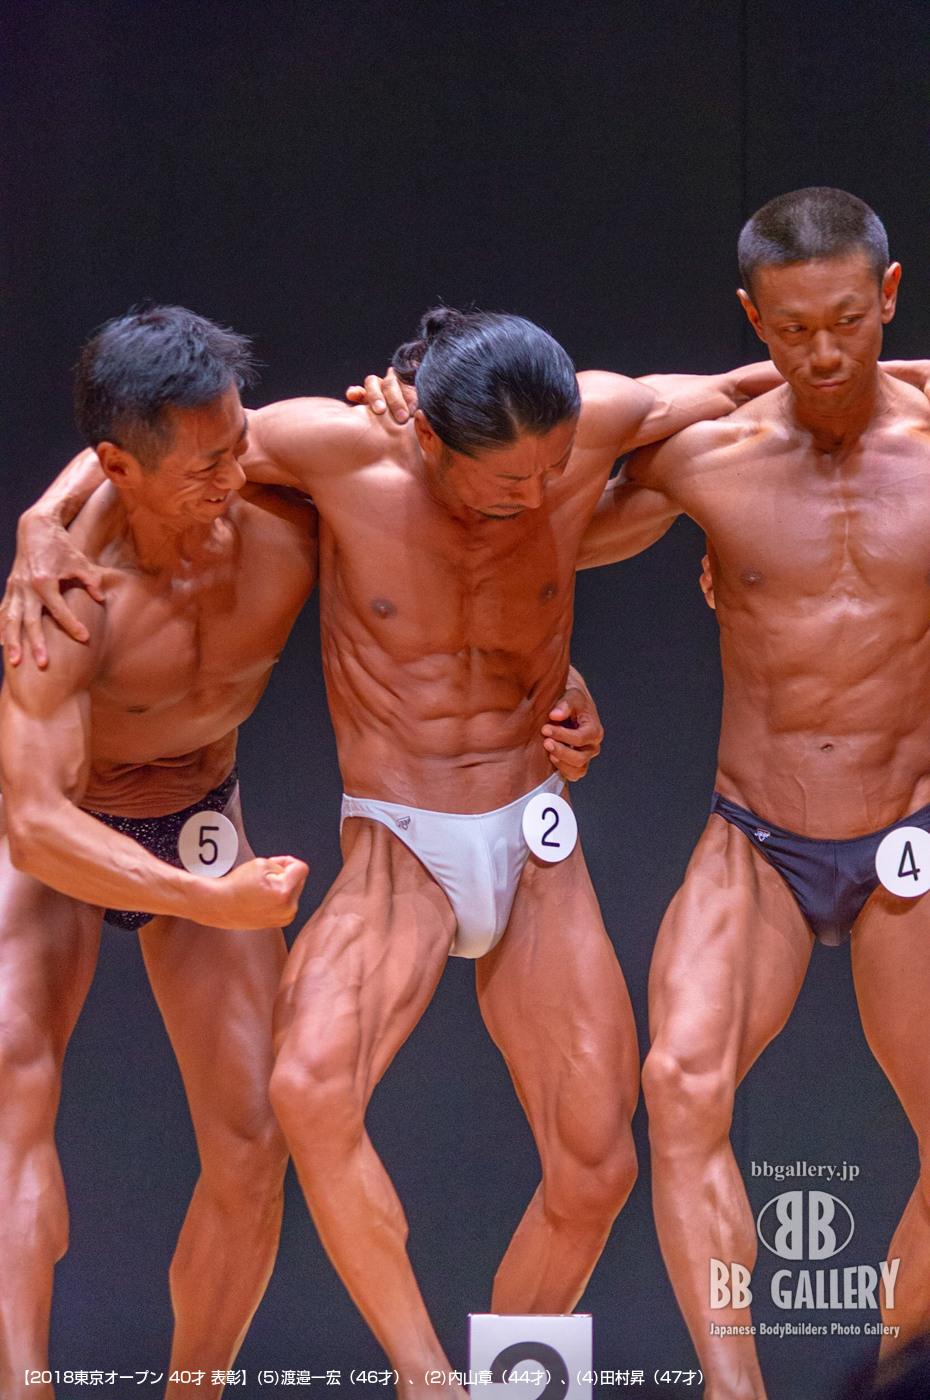 【2018東京オープン 40才 表彰】(5)渡邉一宏(46才)、(2)内山章(44才)、(4)田村昇(47才)